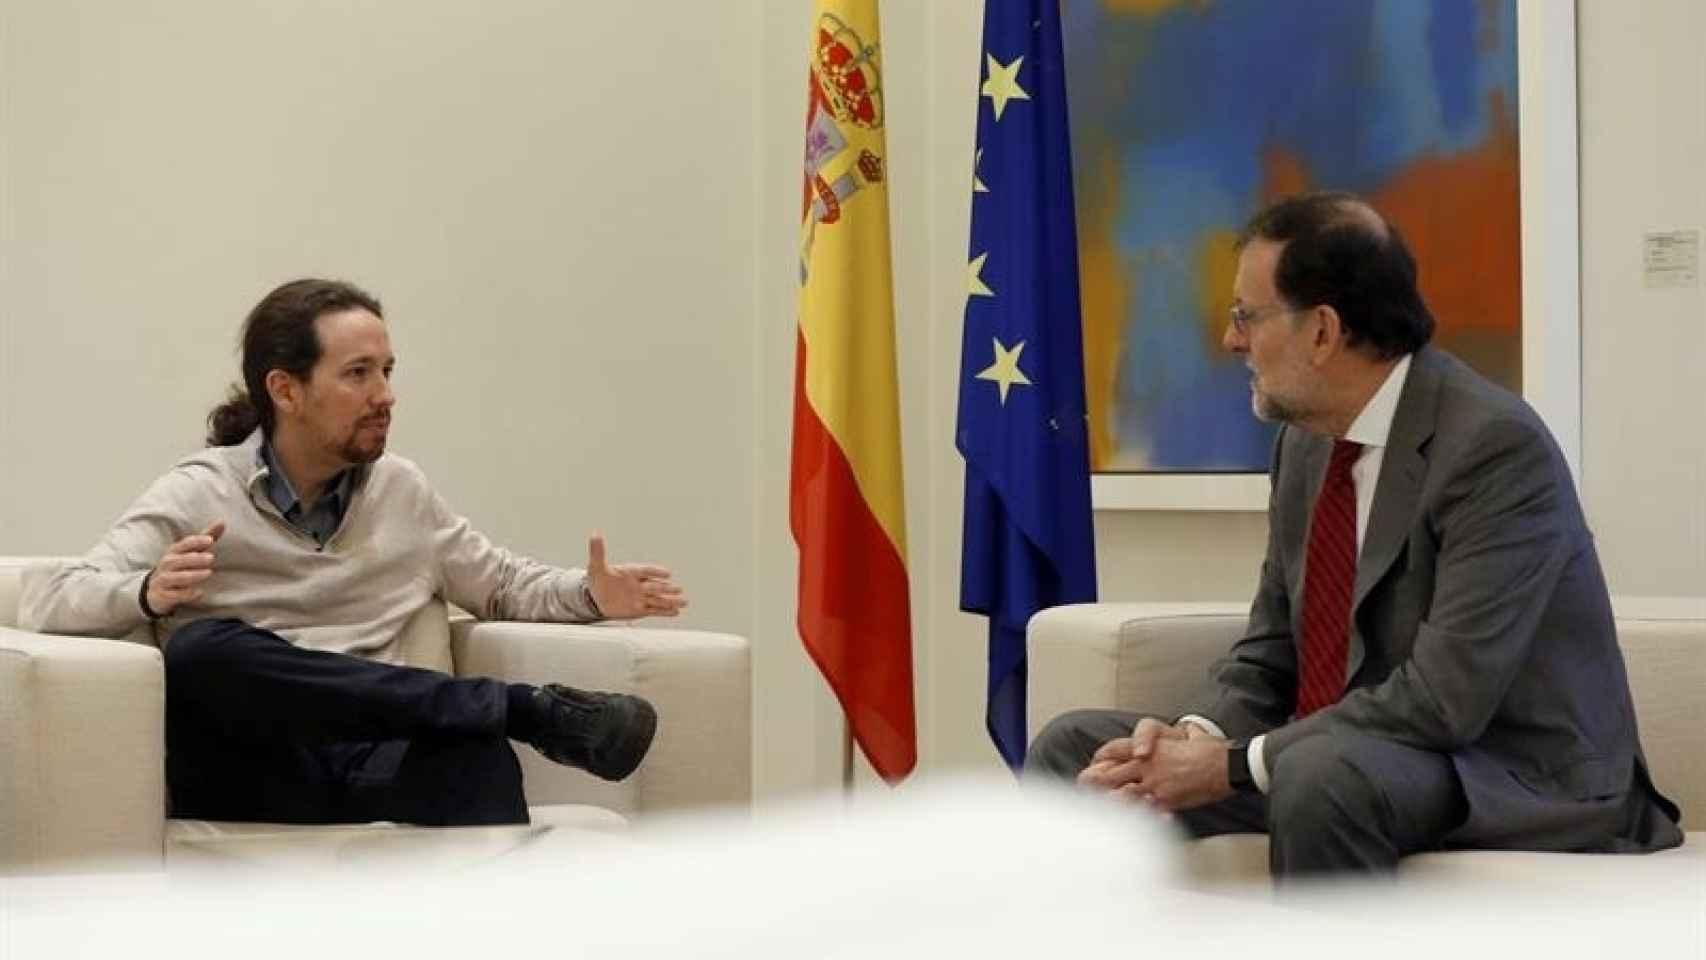 Pablo Iglesias visita a Mariano Rajoy en la Moncloa.